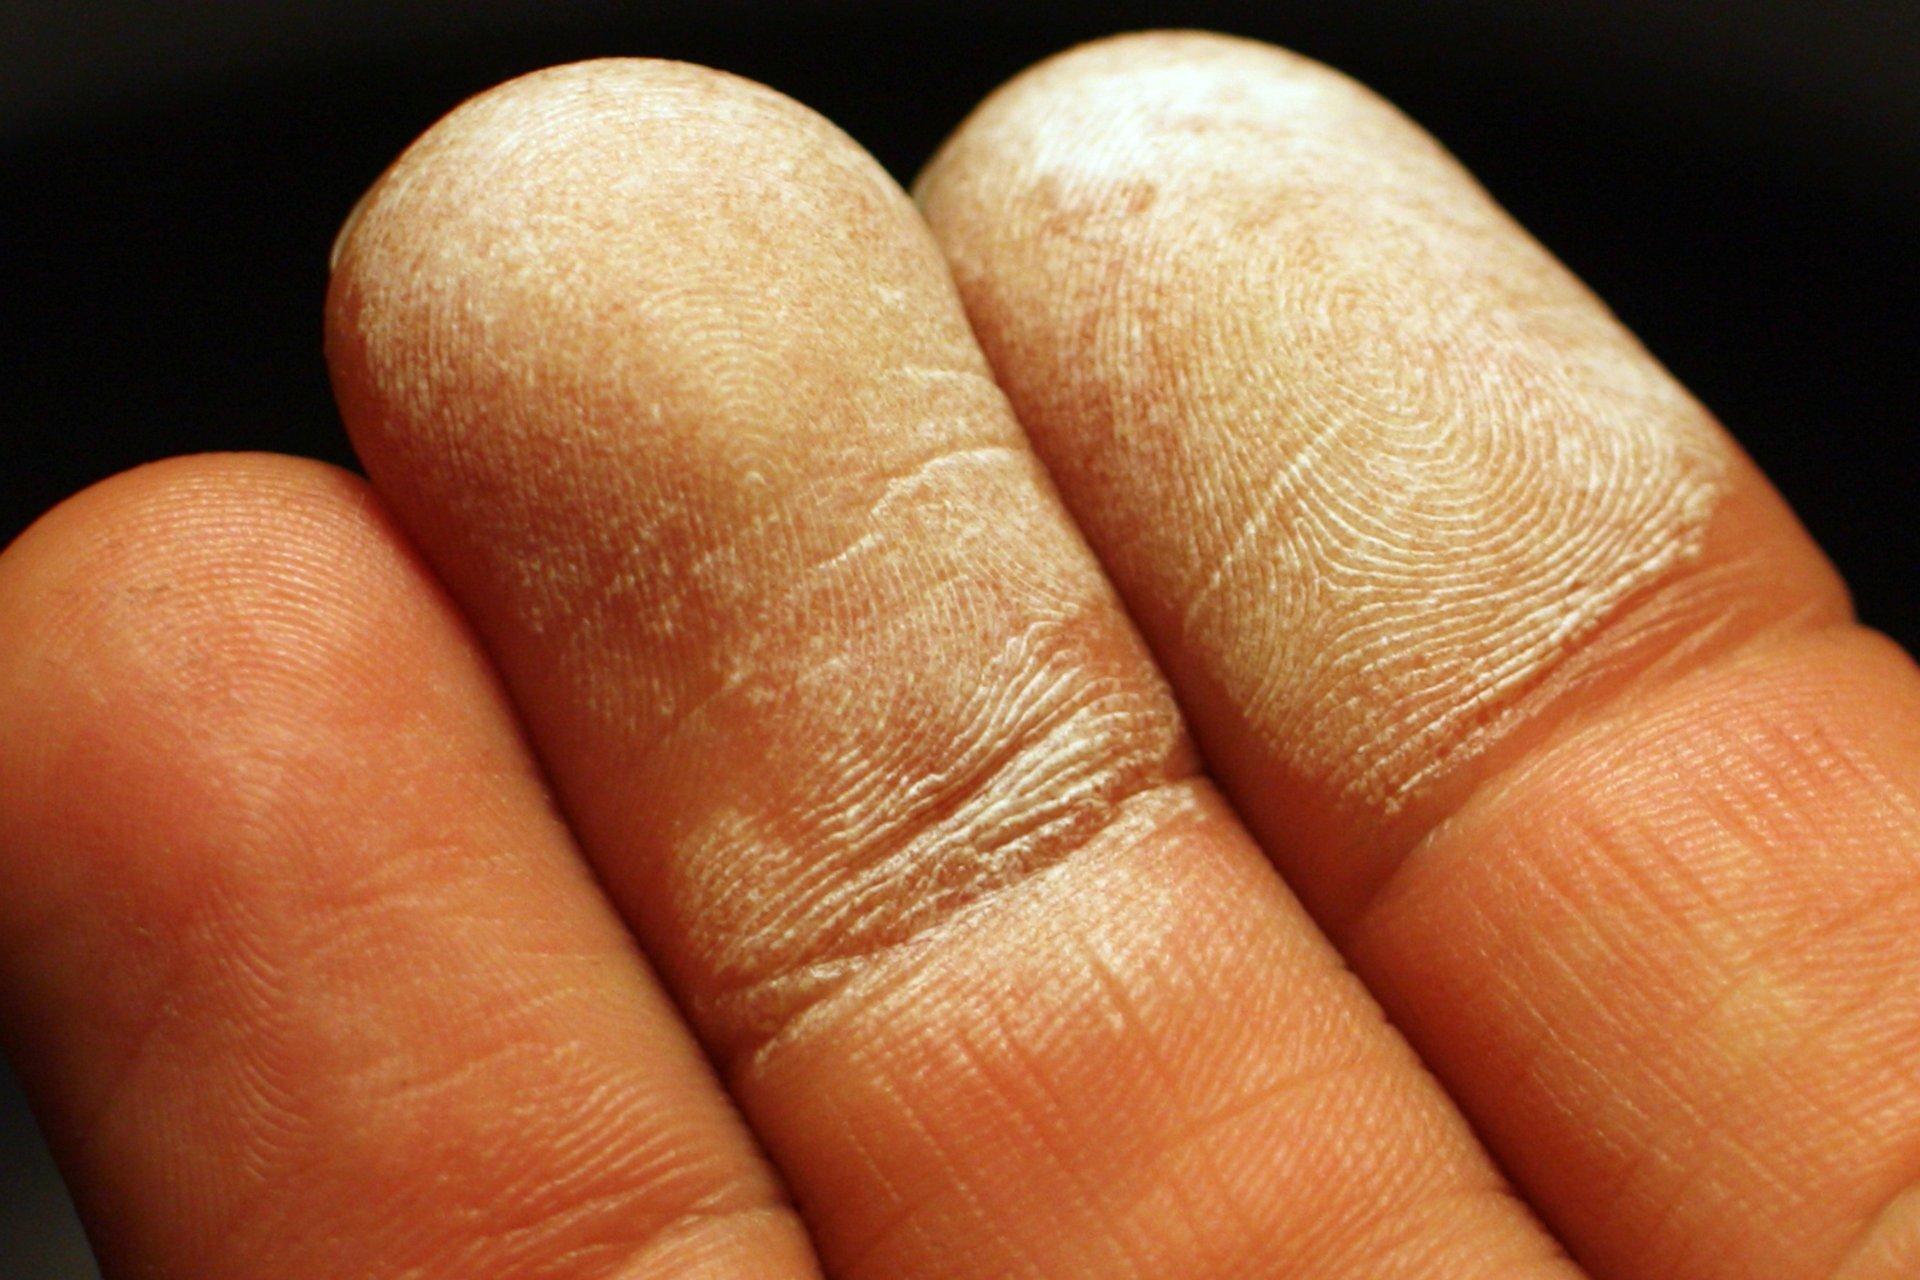 Zdjęcie przedstawia opuszki trzech palców ludzkiej dłoni, wskazującego, środkowego iserdecznego wzbliżeniu na czarnym tle. Dwa pierwsze pokryte są białymi plamami martwego naskórka.